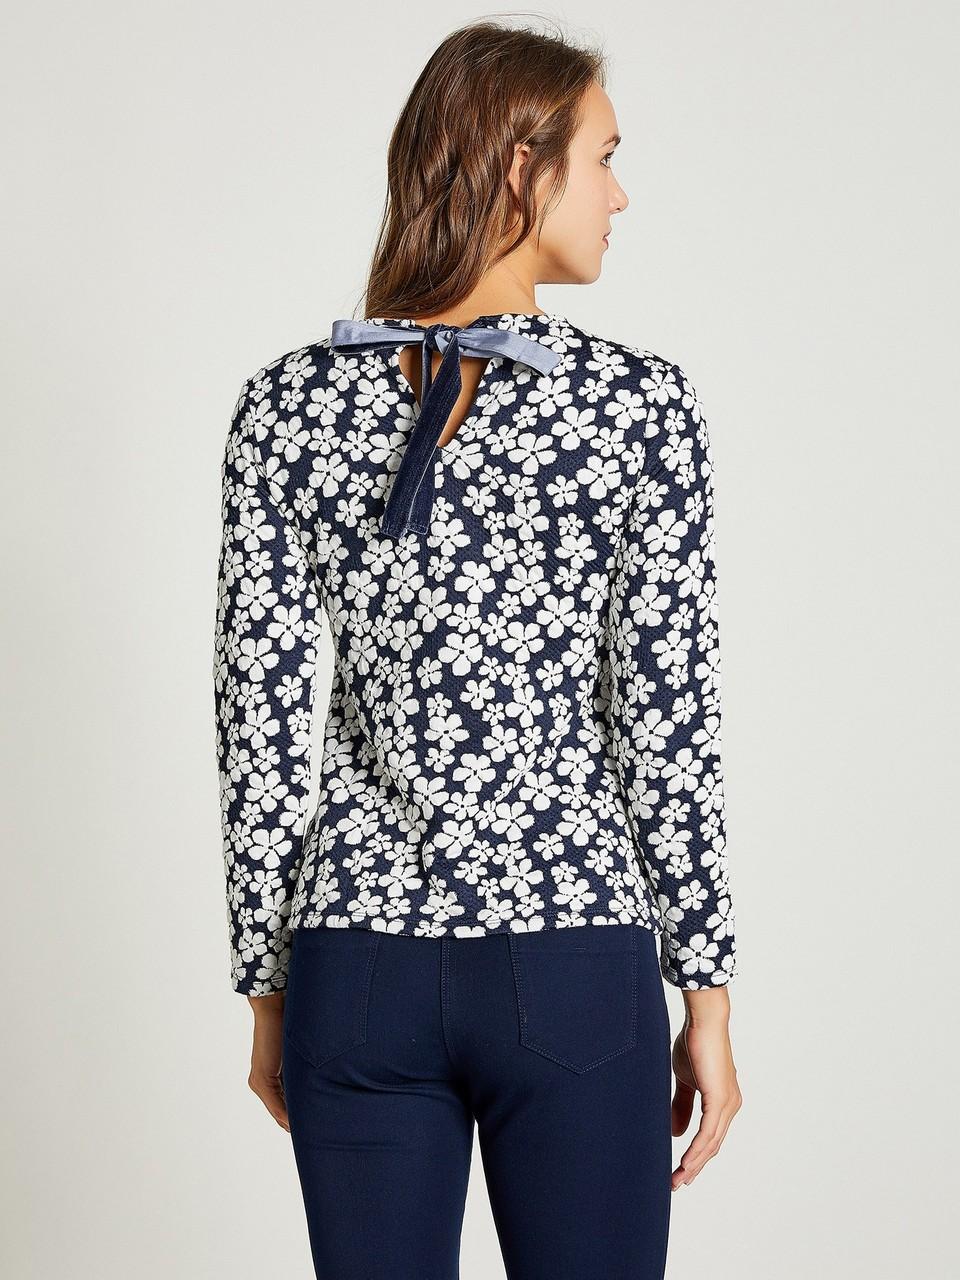 Boyundan Bağlamalı Çiçek Desenli Bluz